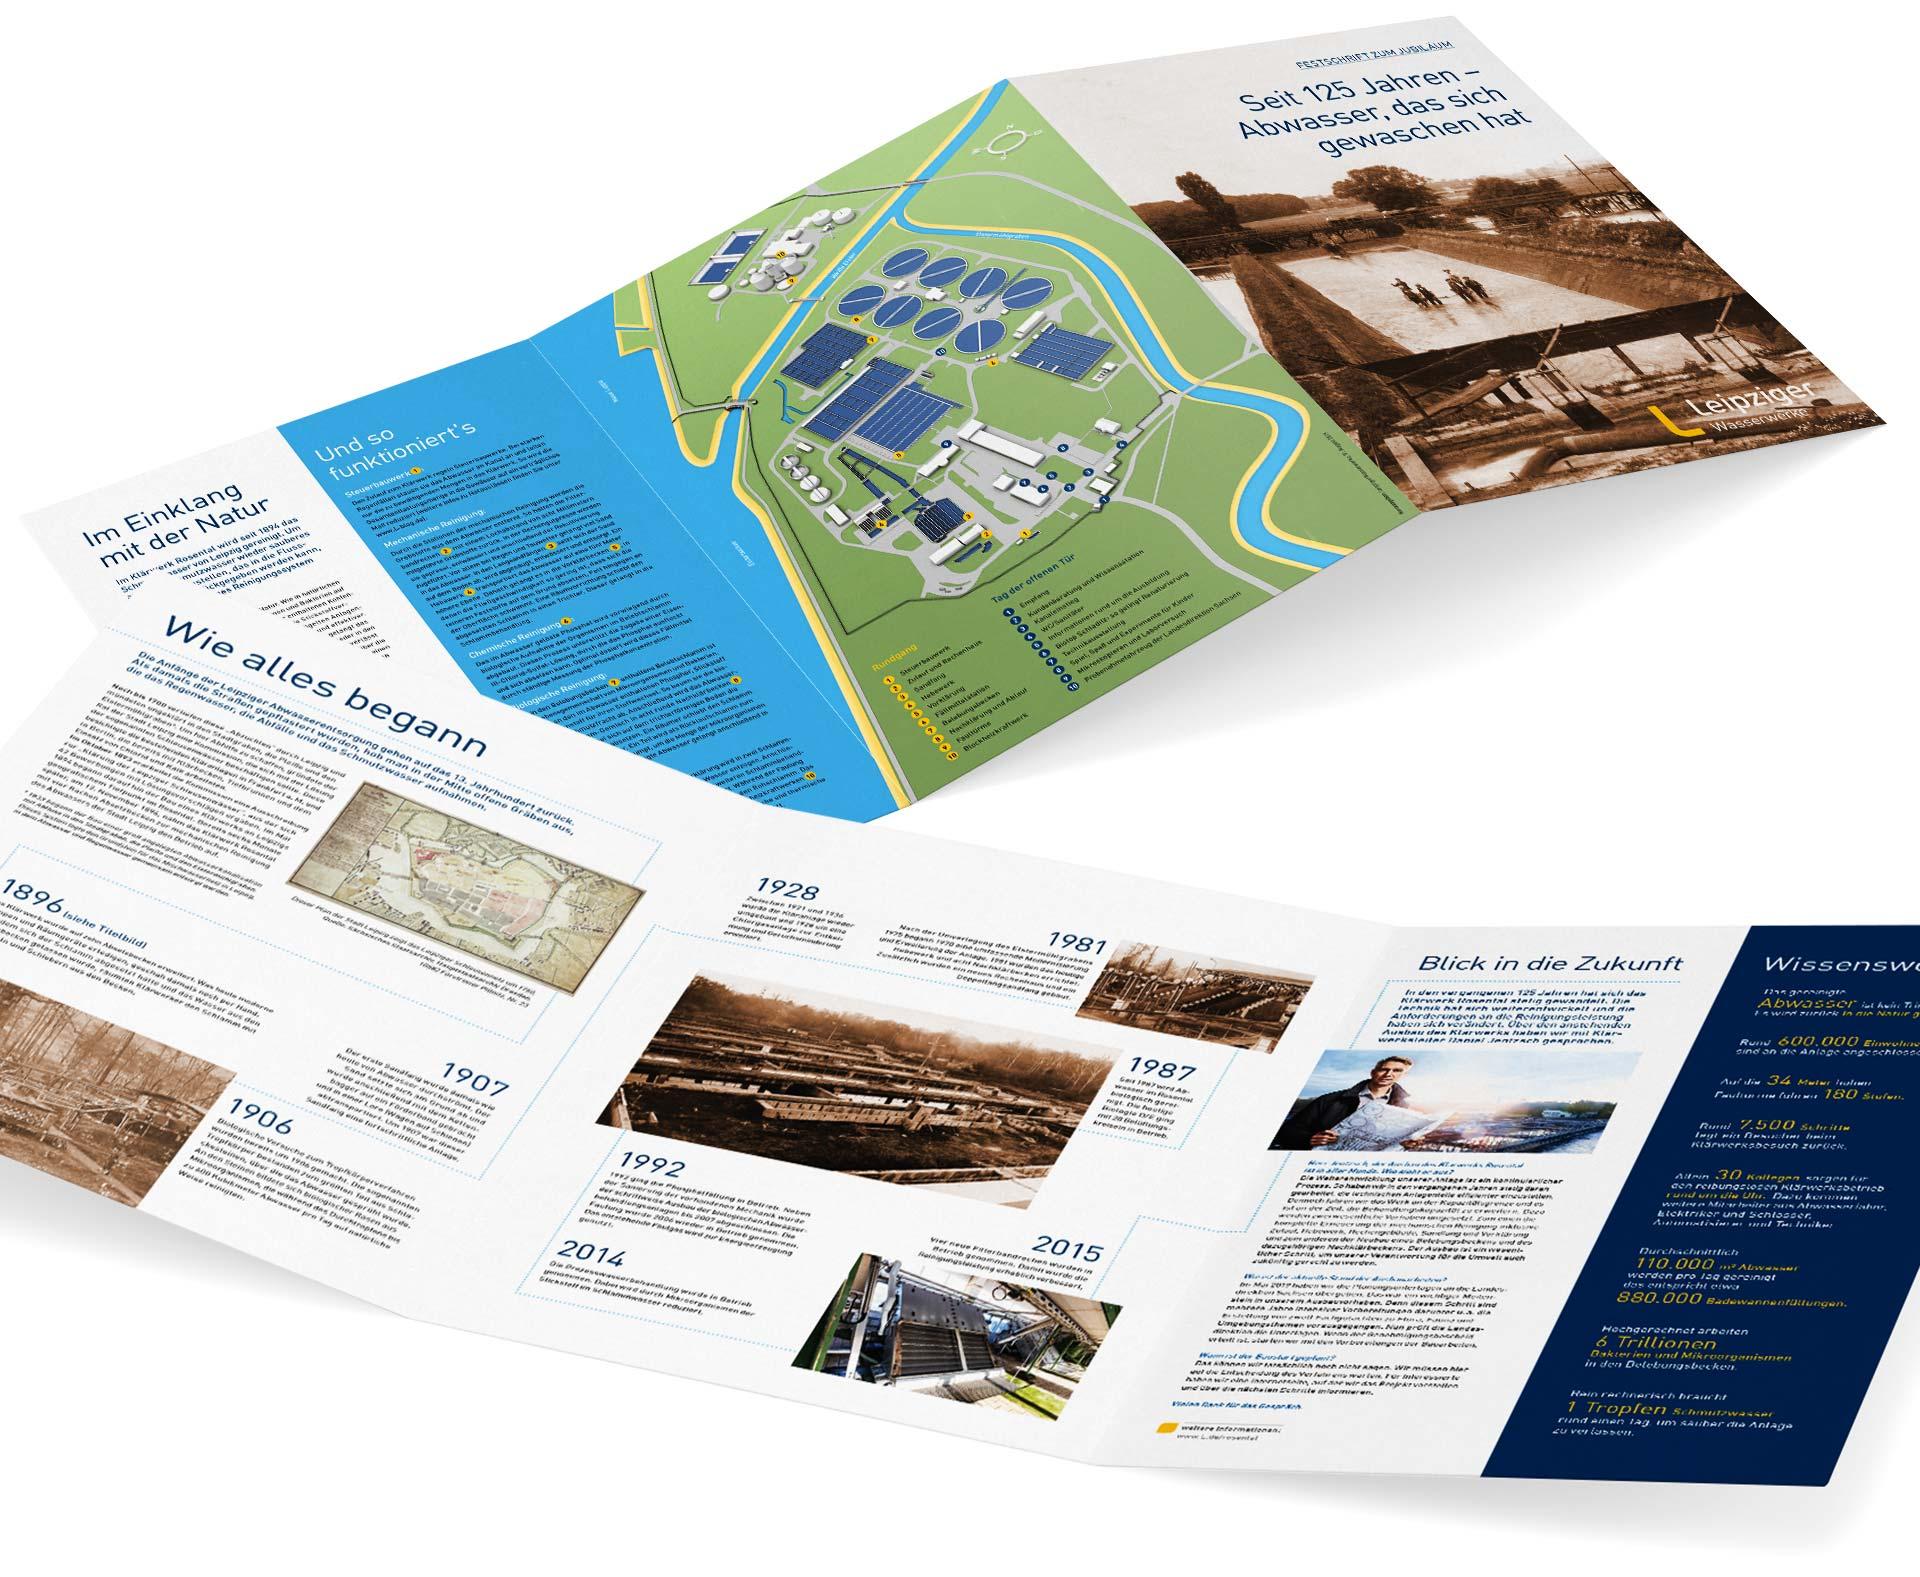 Festschrift zur Historie des Klärwerks Rosental